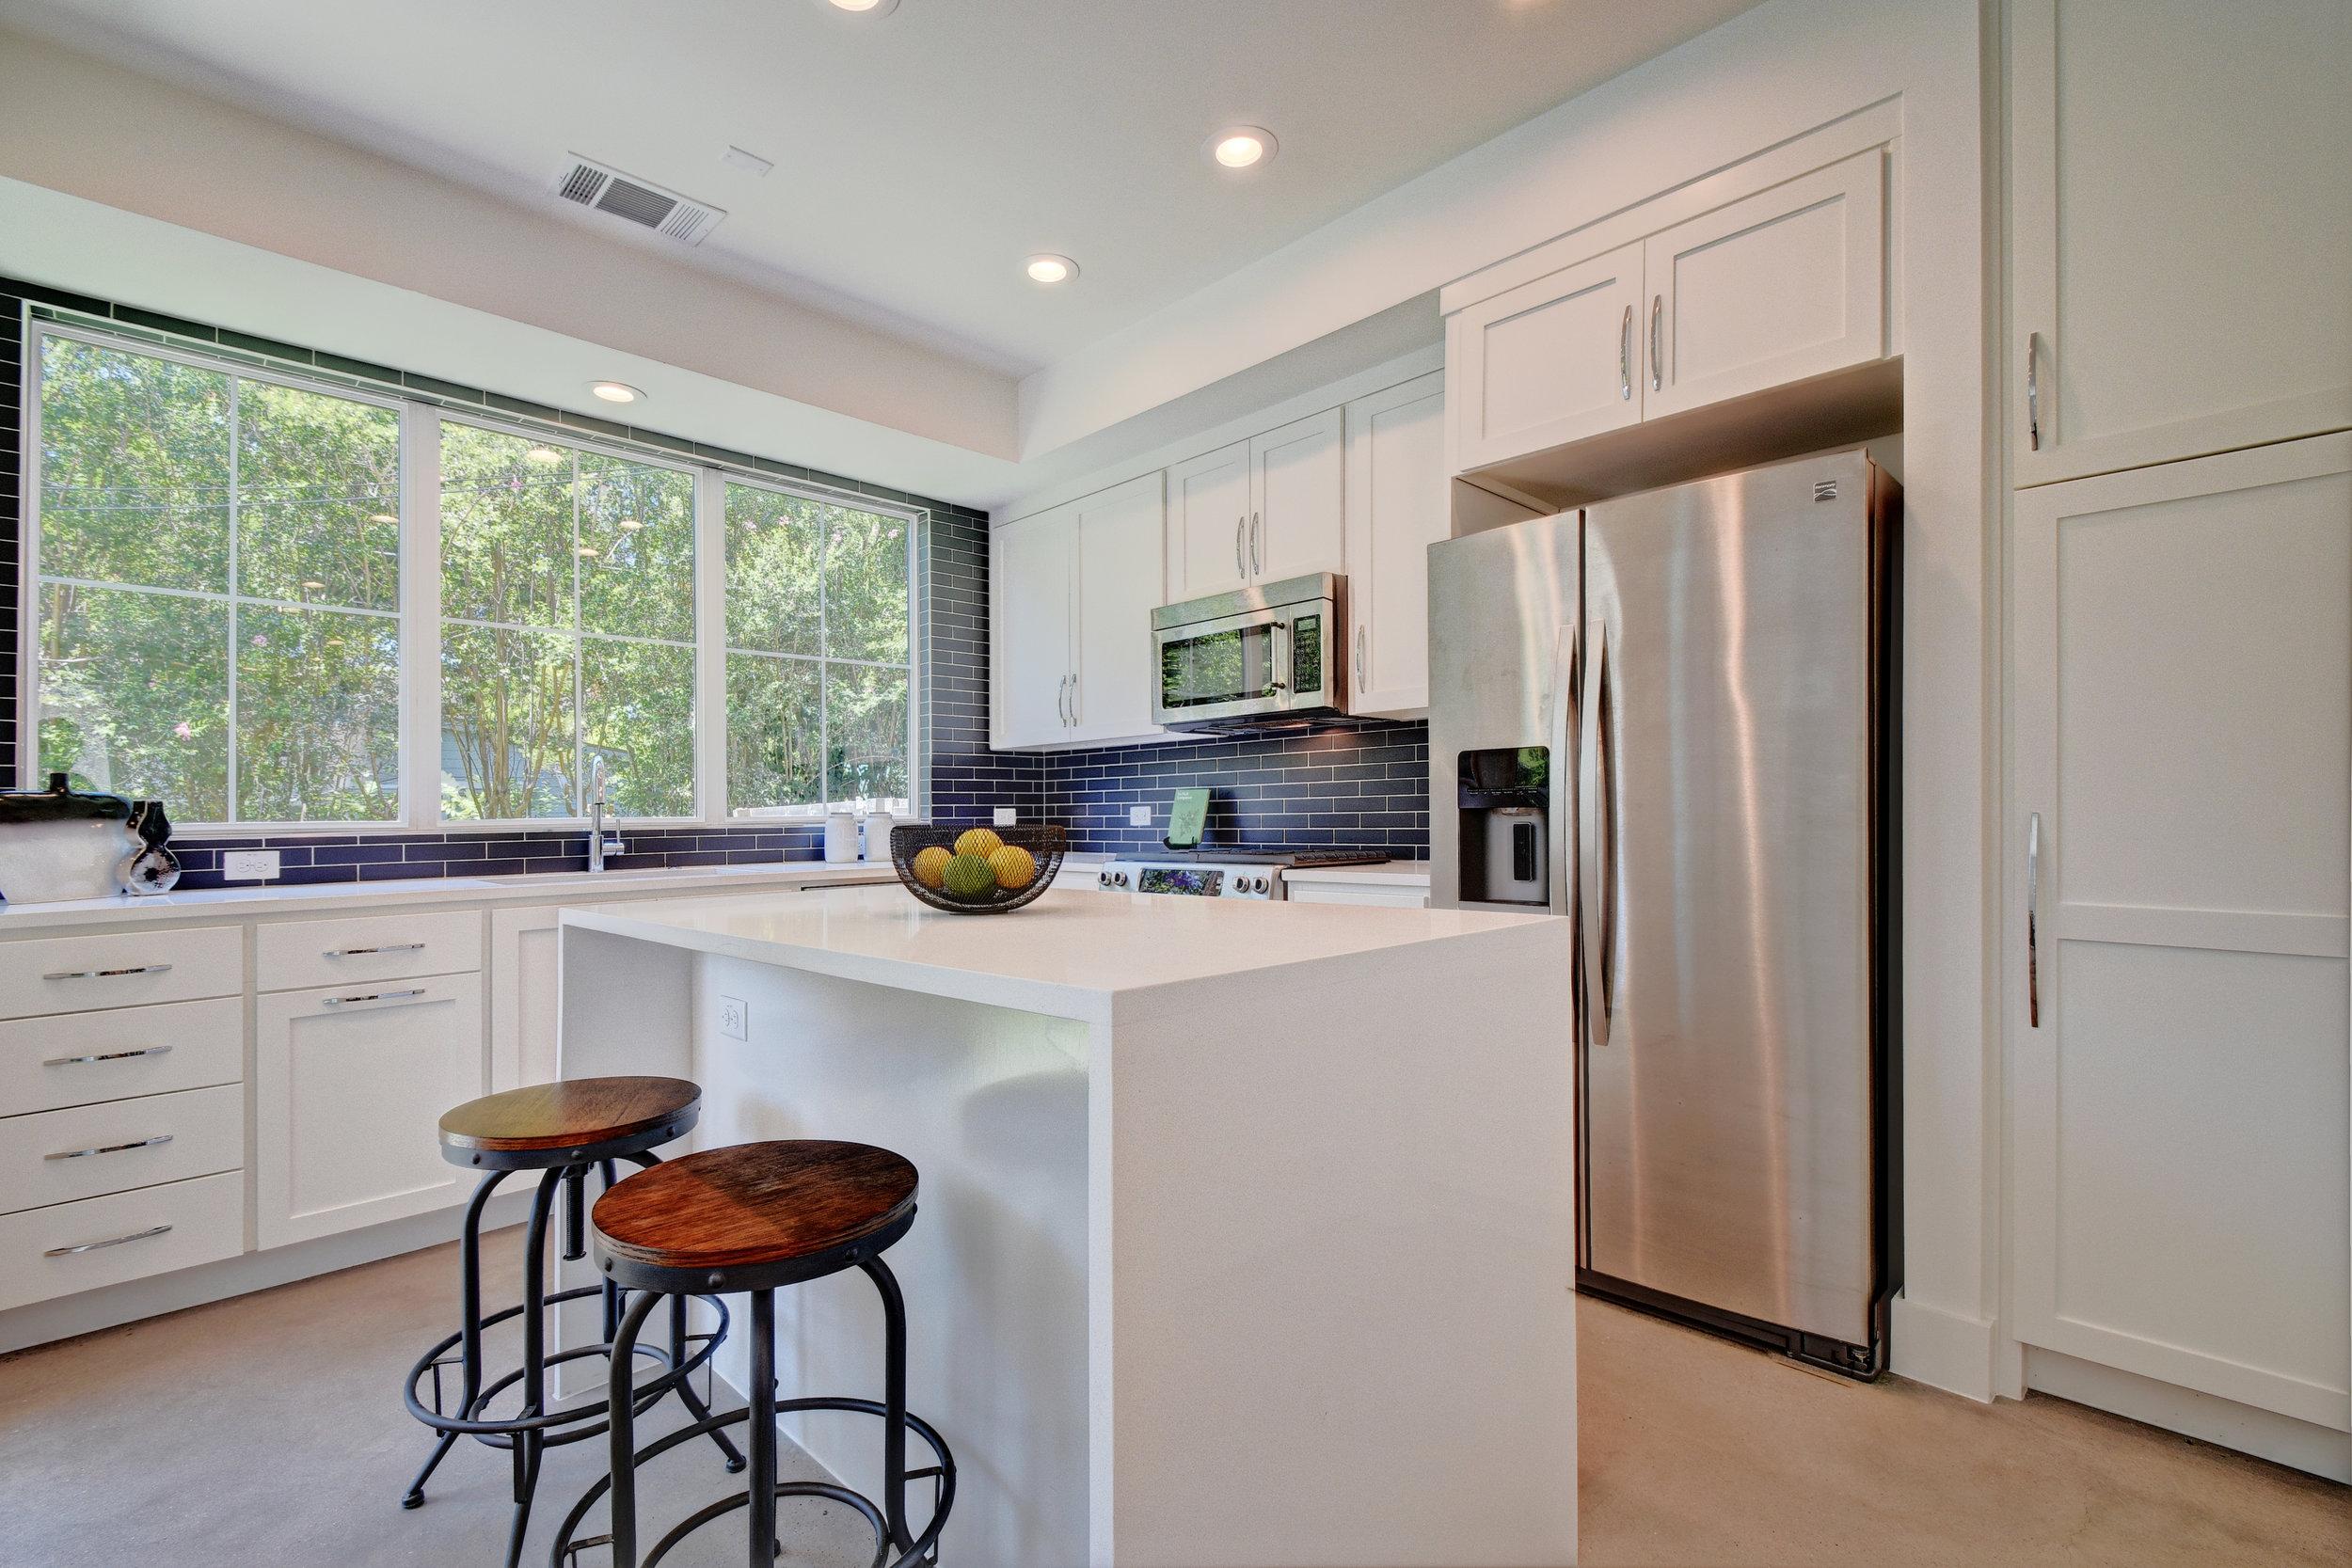 1503 Richcreek Rd Unit A-print-010-42-Kitchen and Breakfast 001-4200x2800-300dpi.jpg